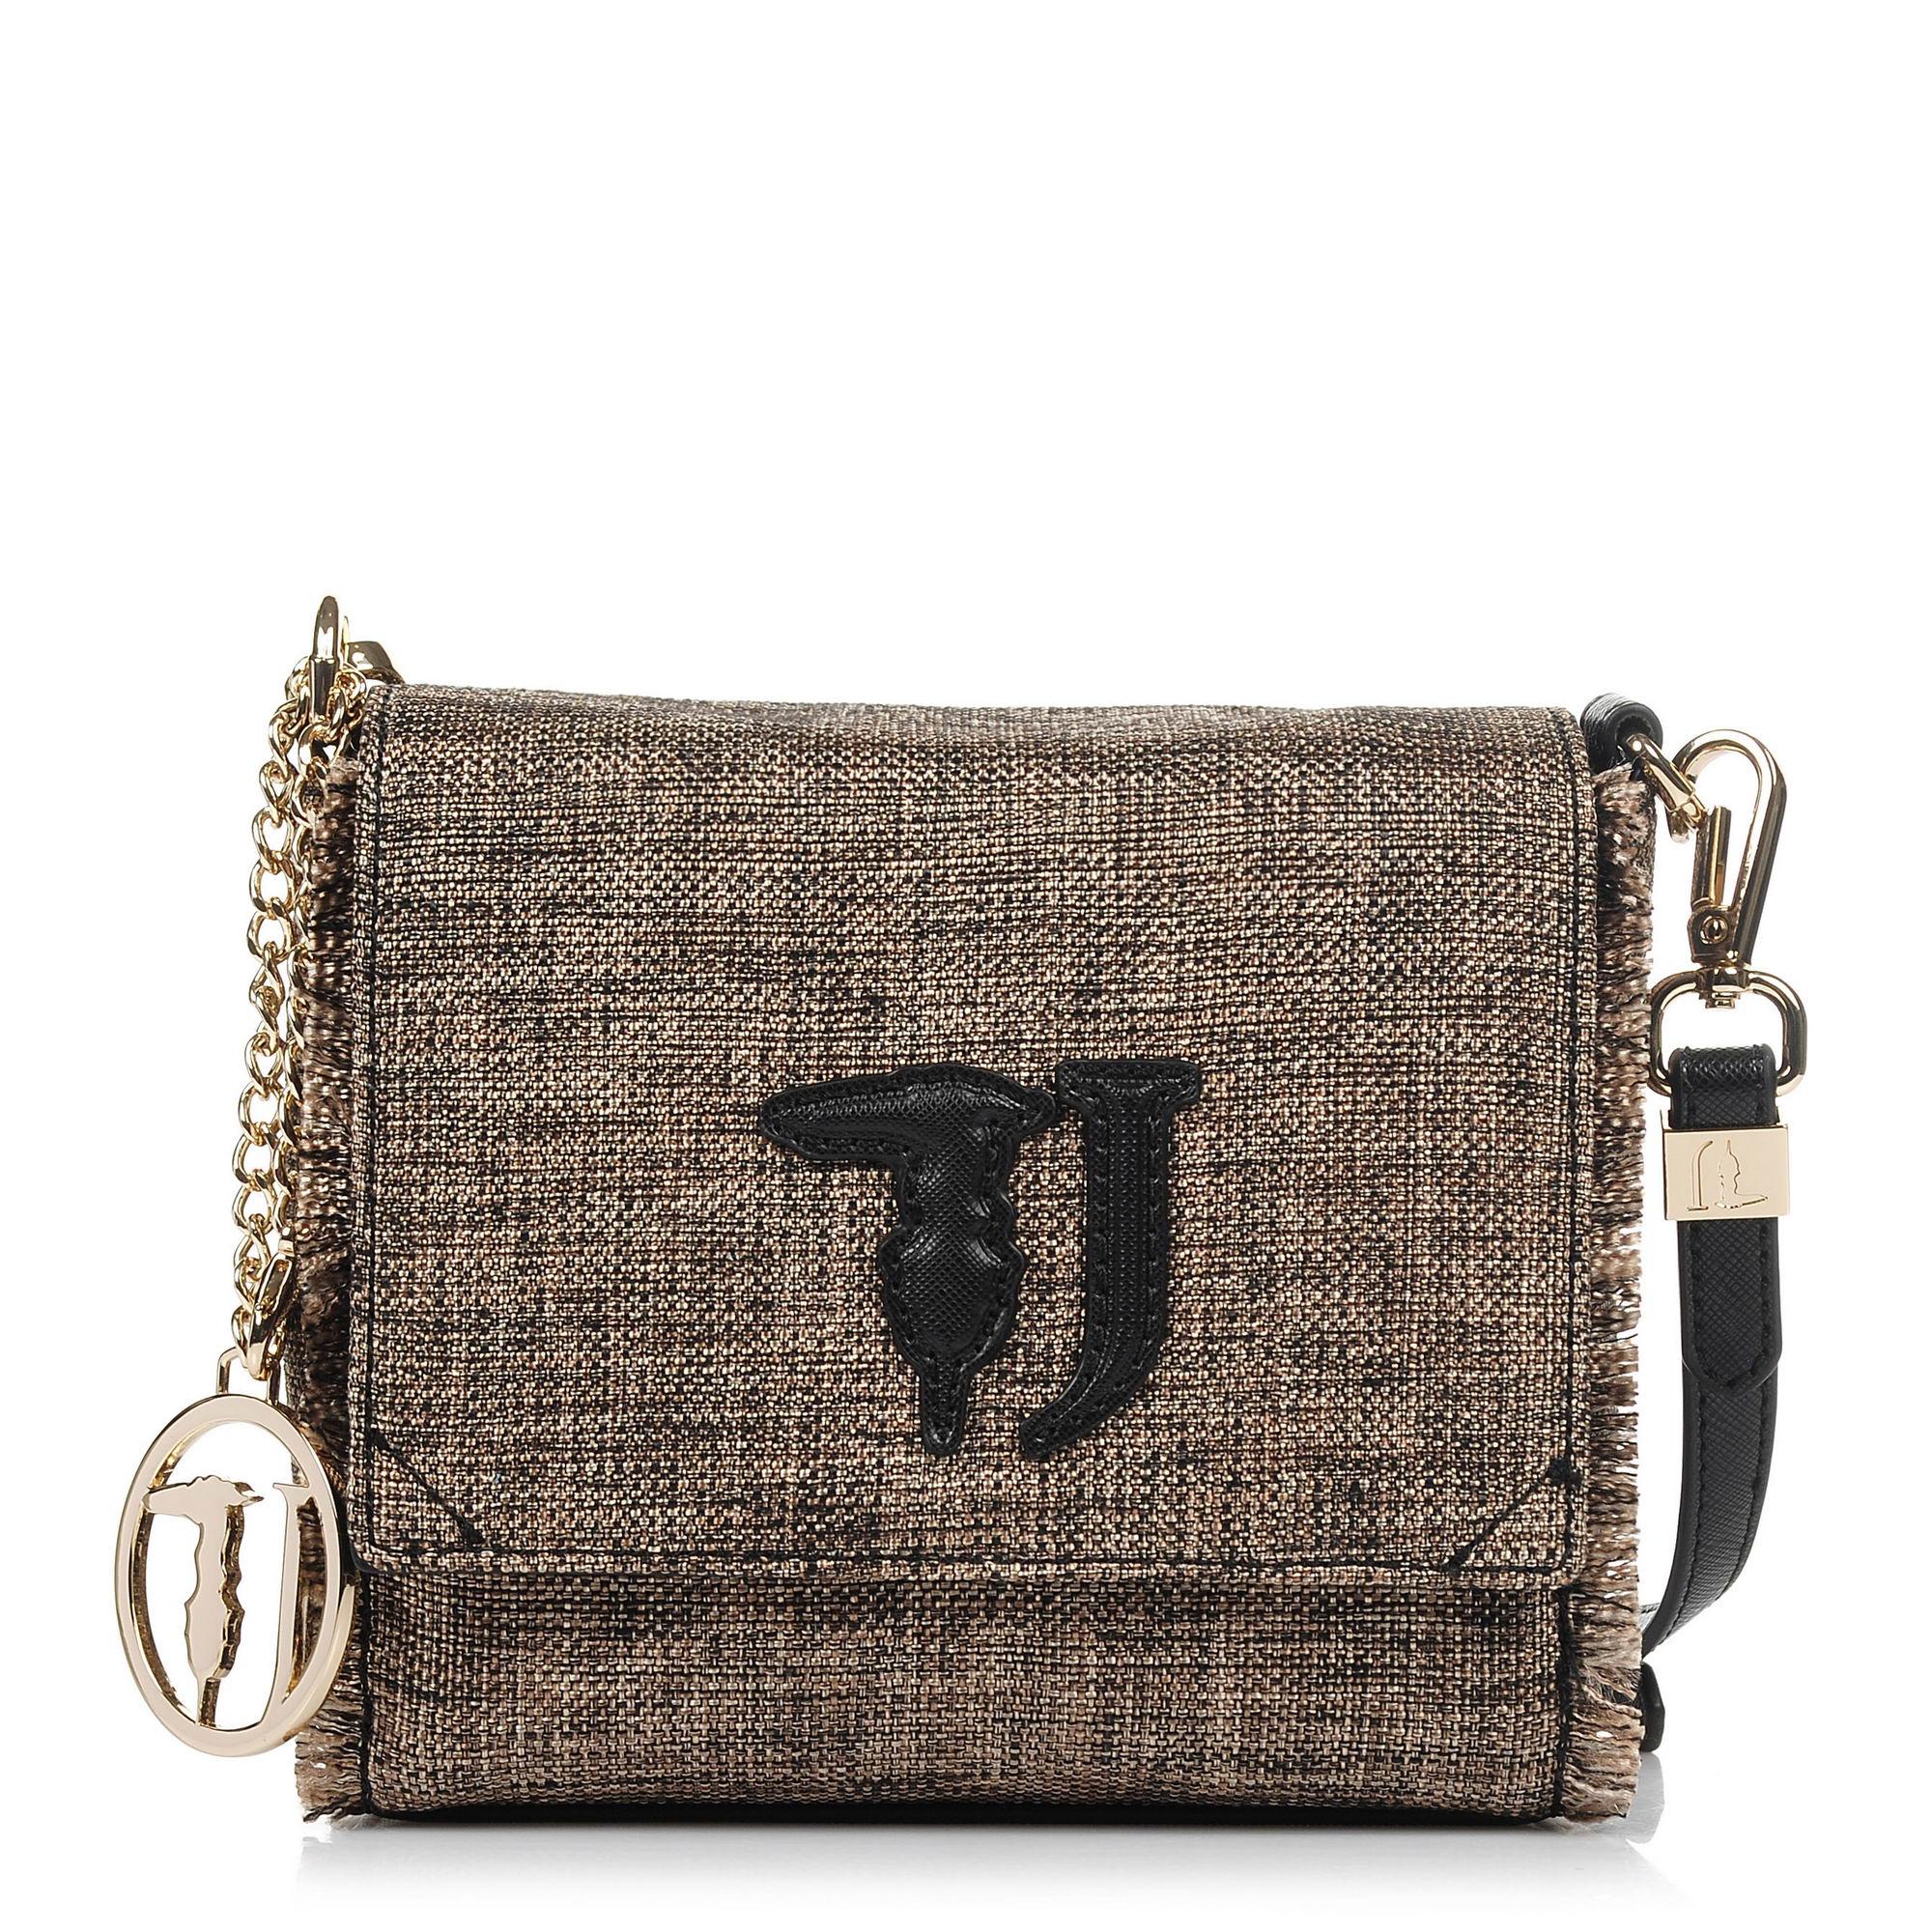 Τσαντάκι Ώμου – Χιαστί Trussardi Jeans Ischia Textil Crossbody Bag 75B00207